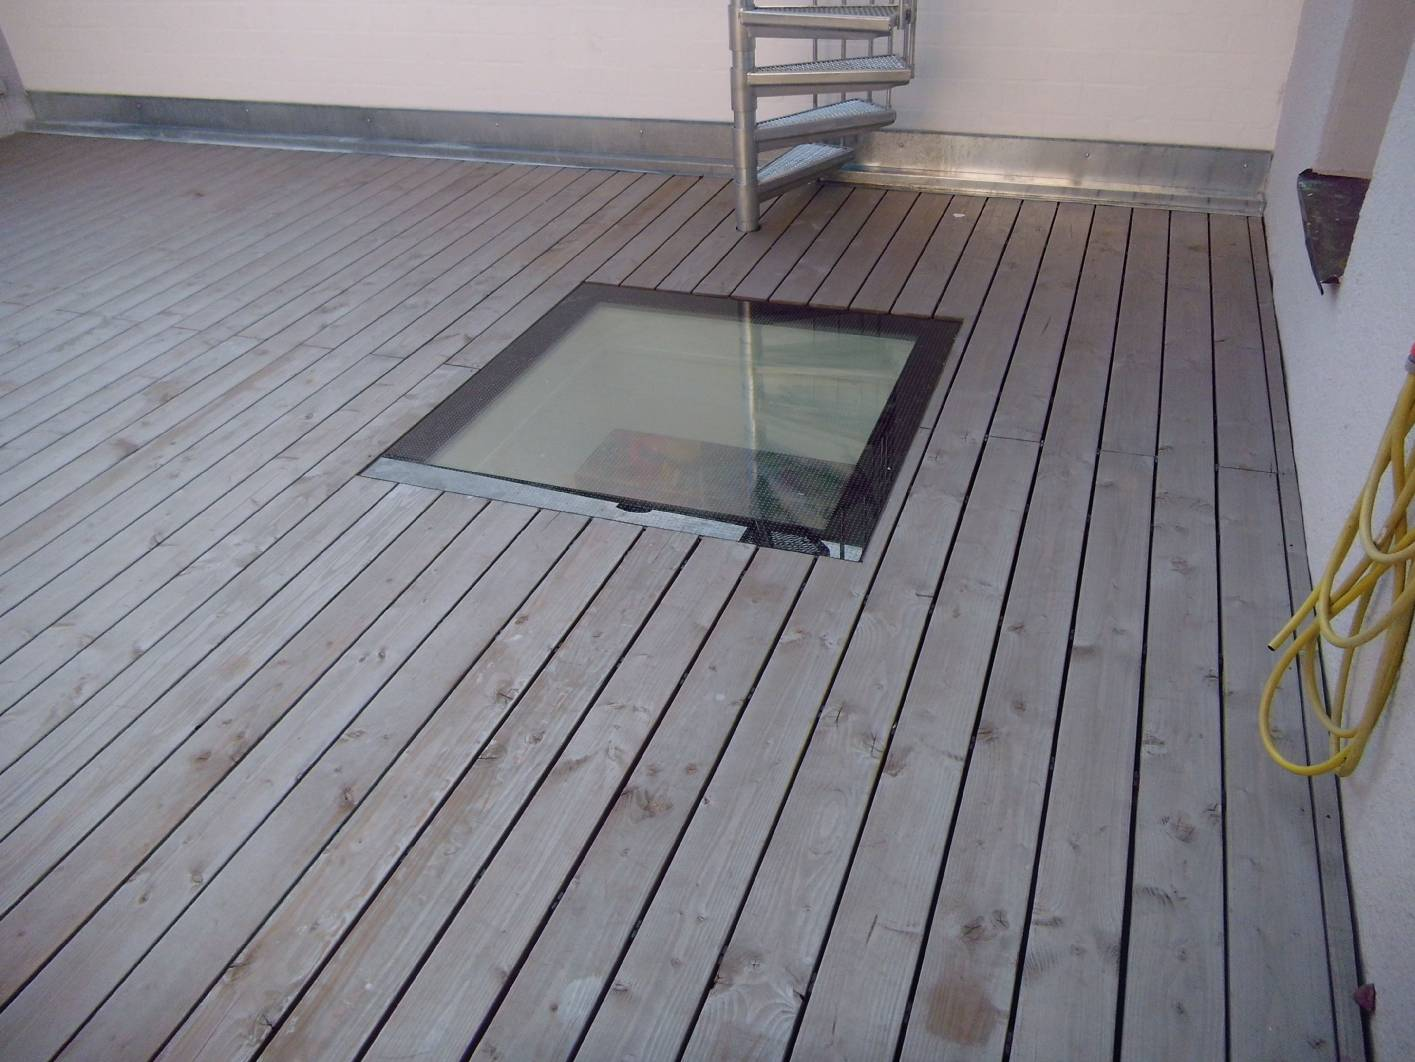 klaus schüssler gmbh in eberbach-lindach - terrassen/balkone